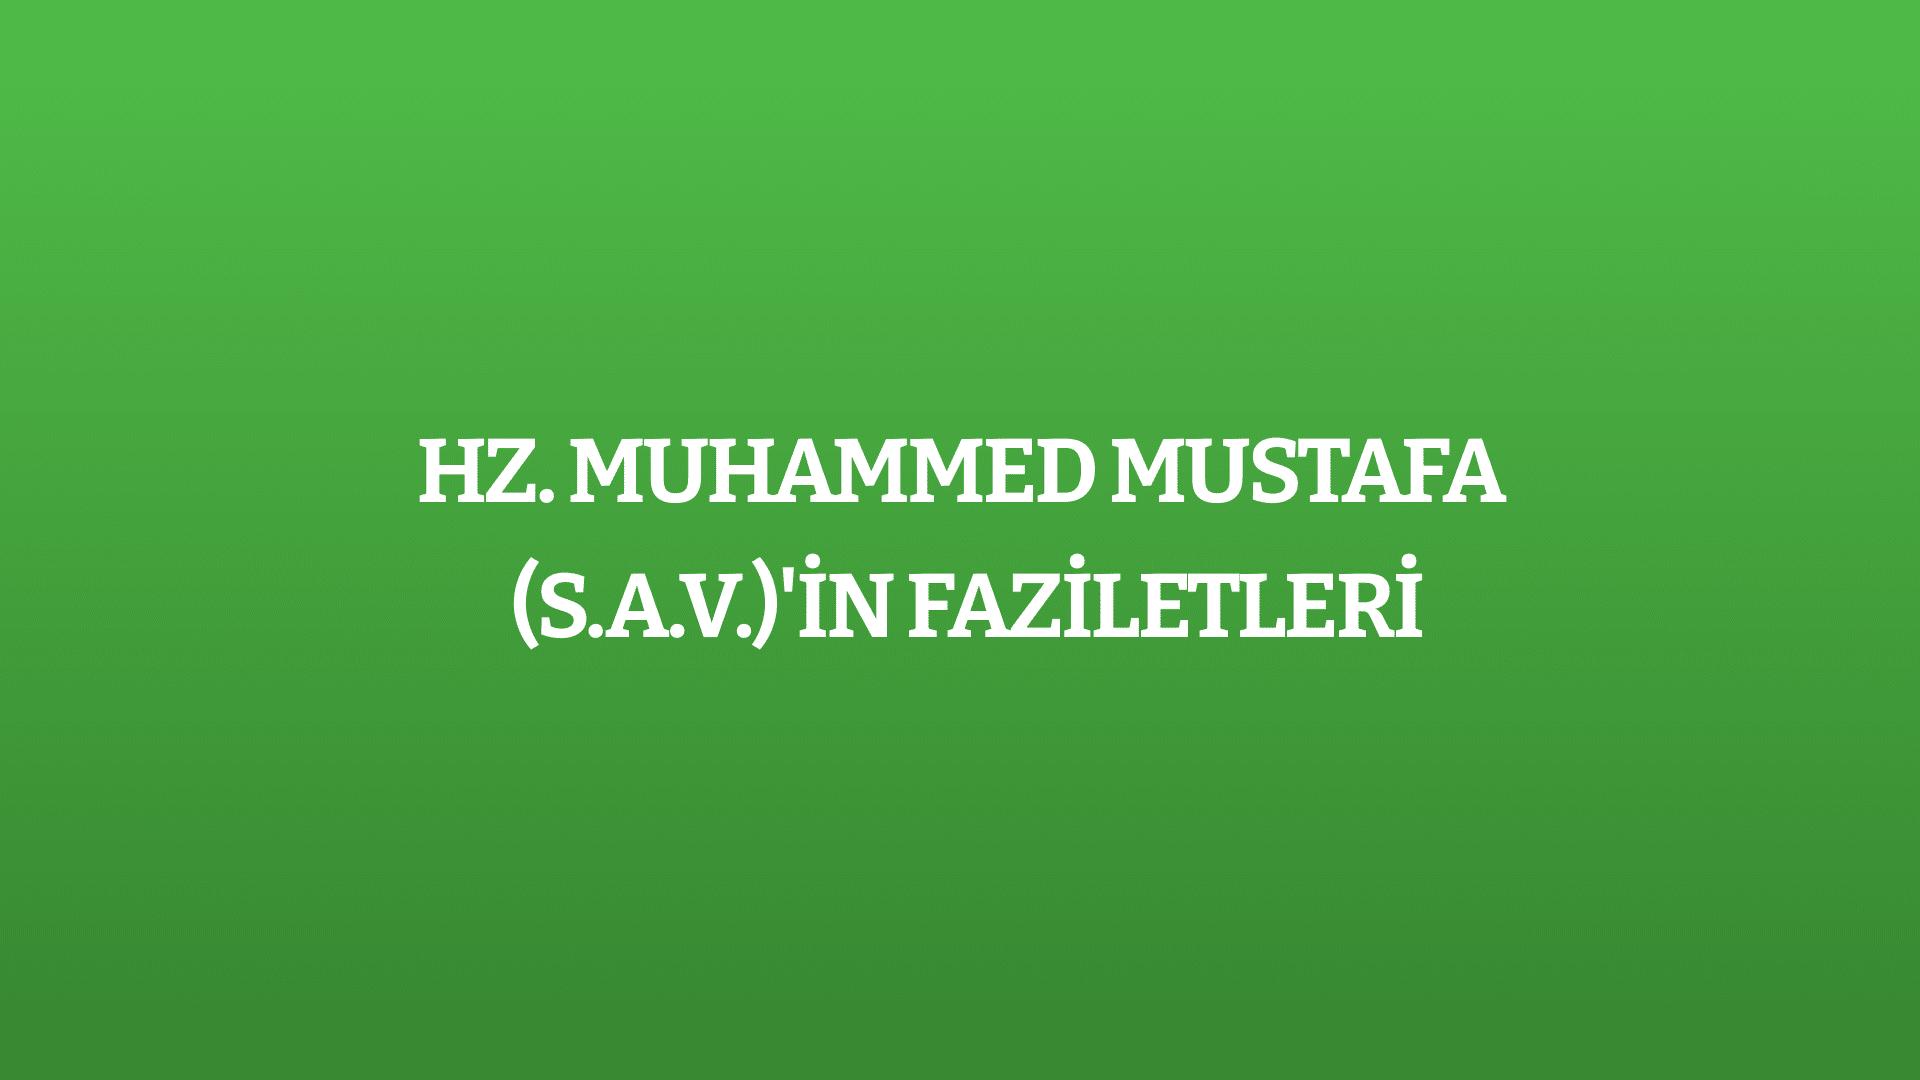 Hz. Muhammed Mustafa (s.a.v.)'in Faziletleri